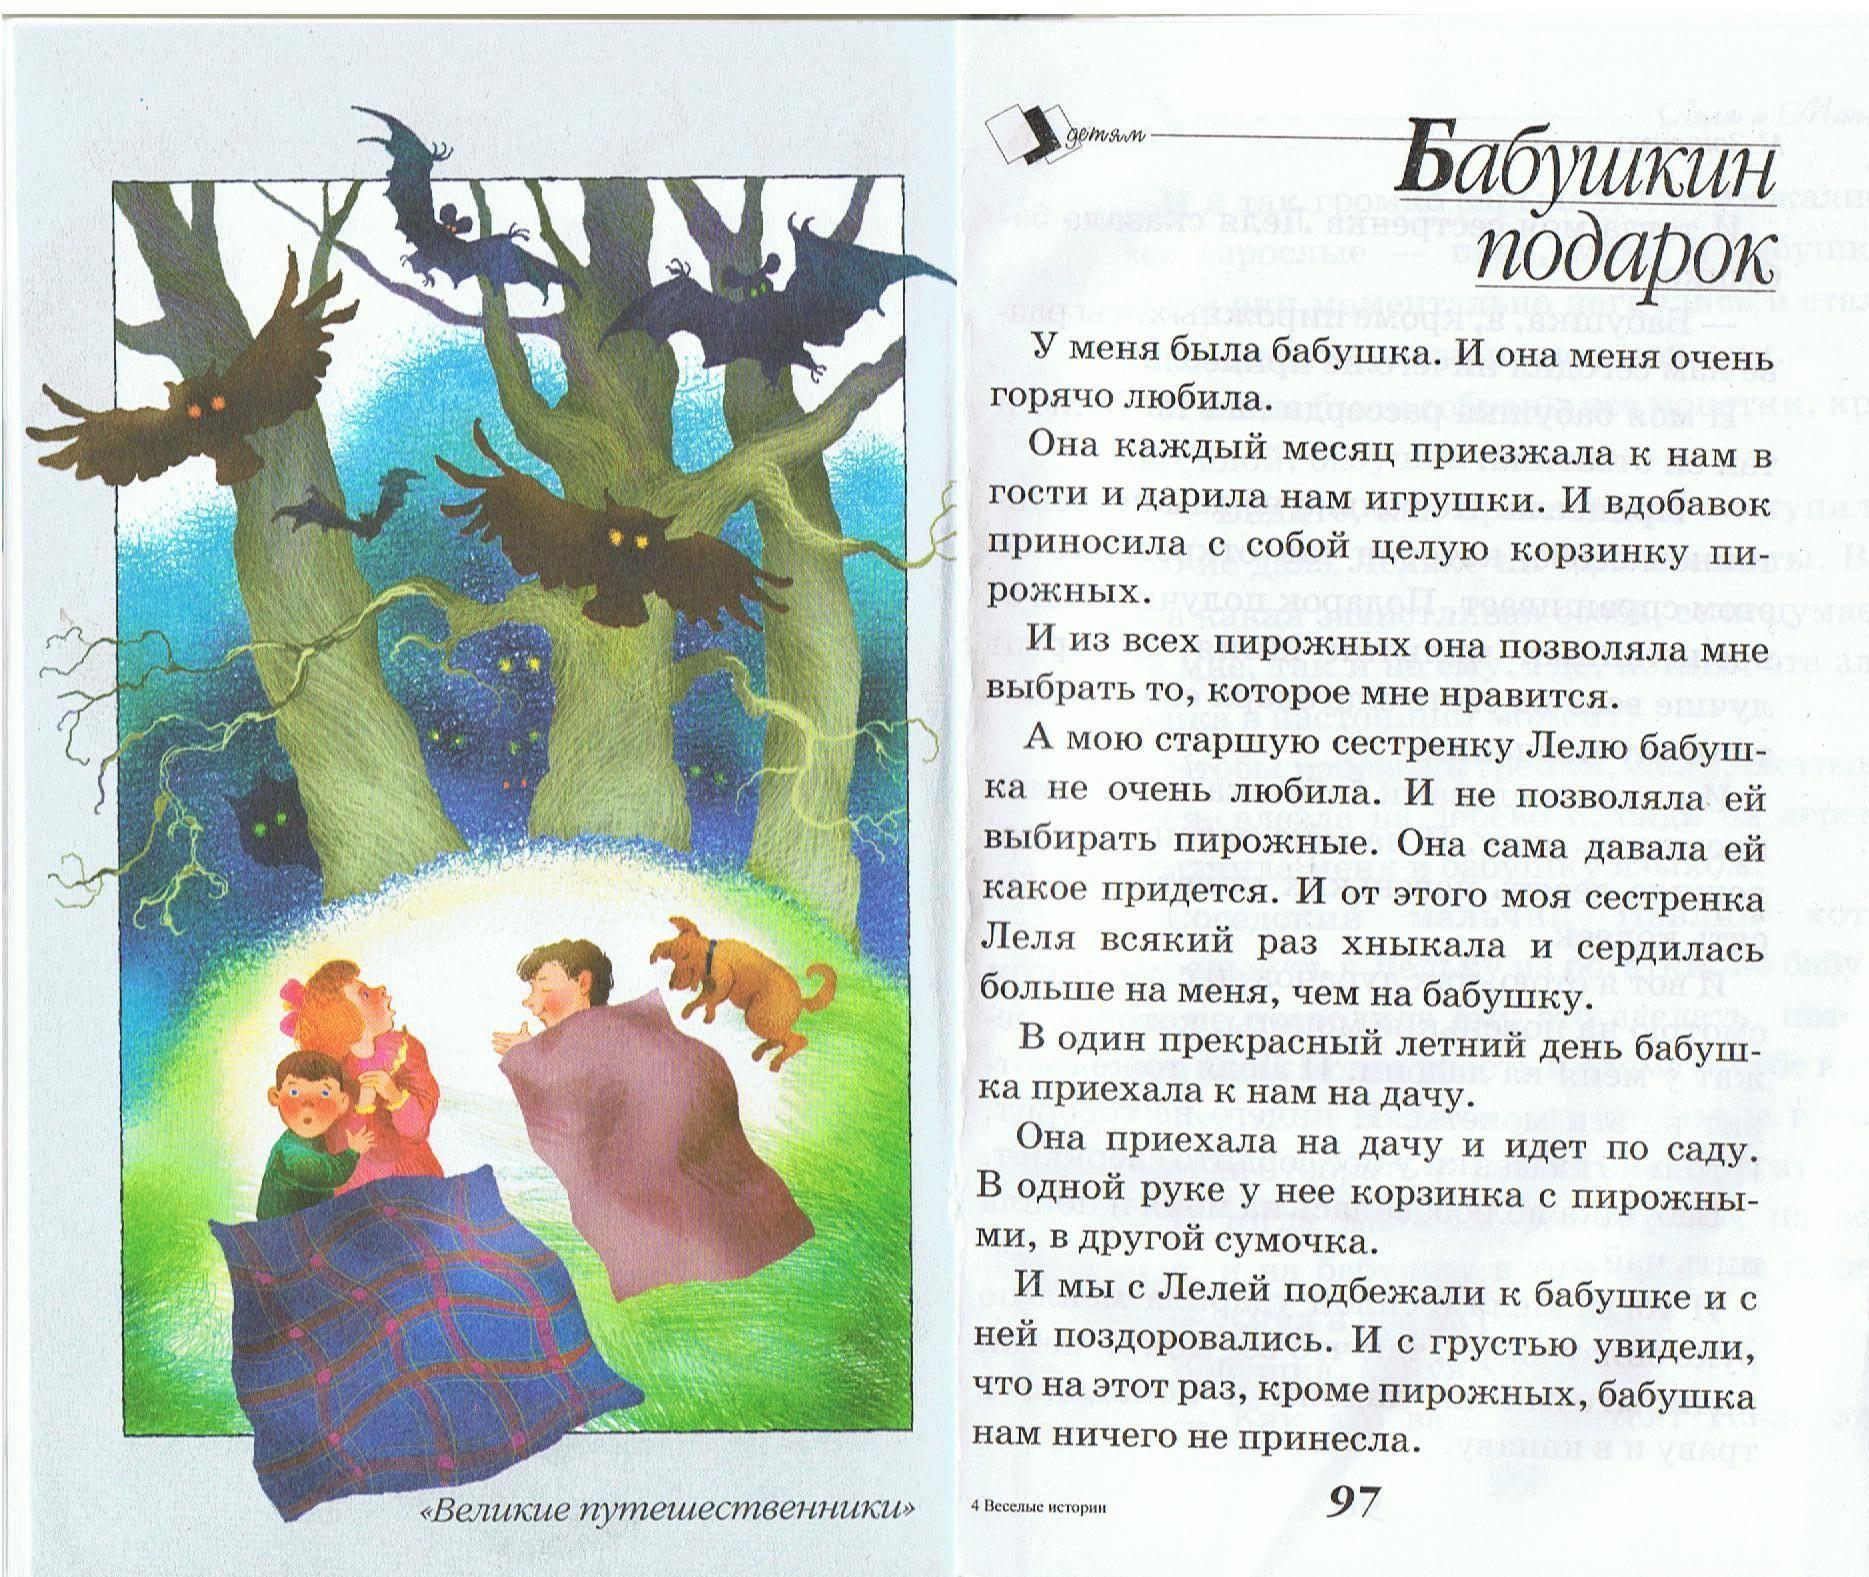 Краткое содержание Бабушкин подарок Зощенко для 77